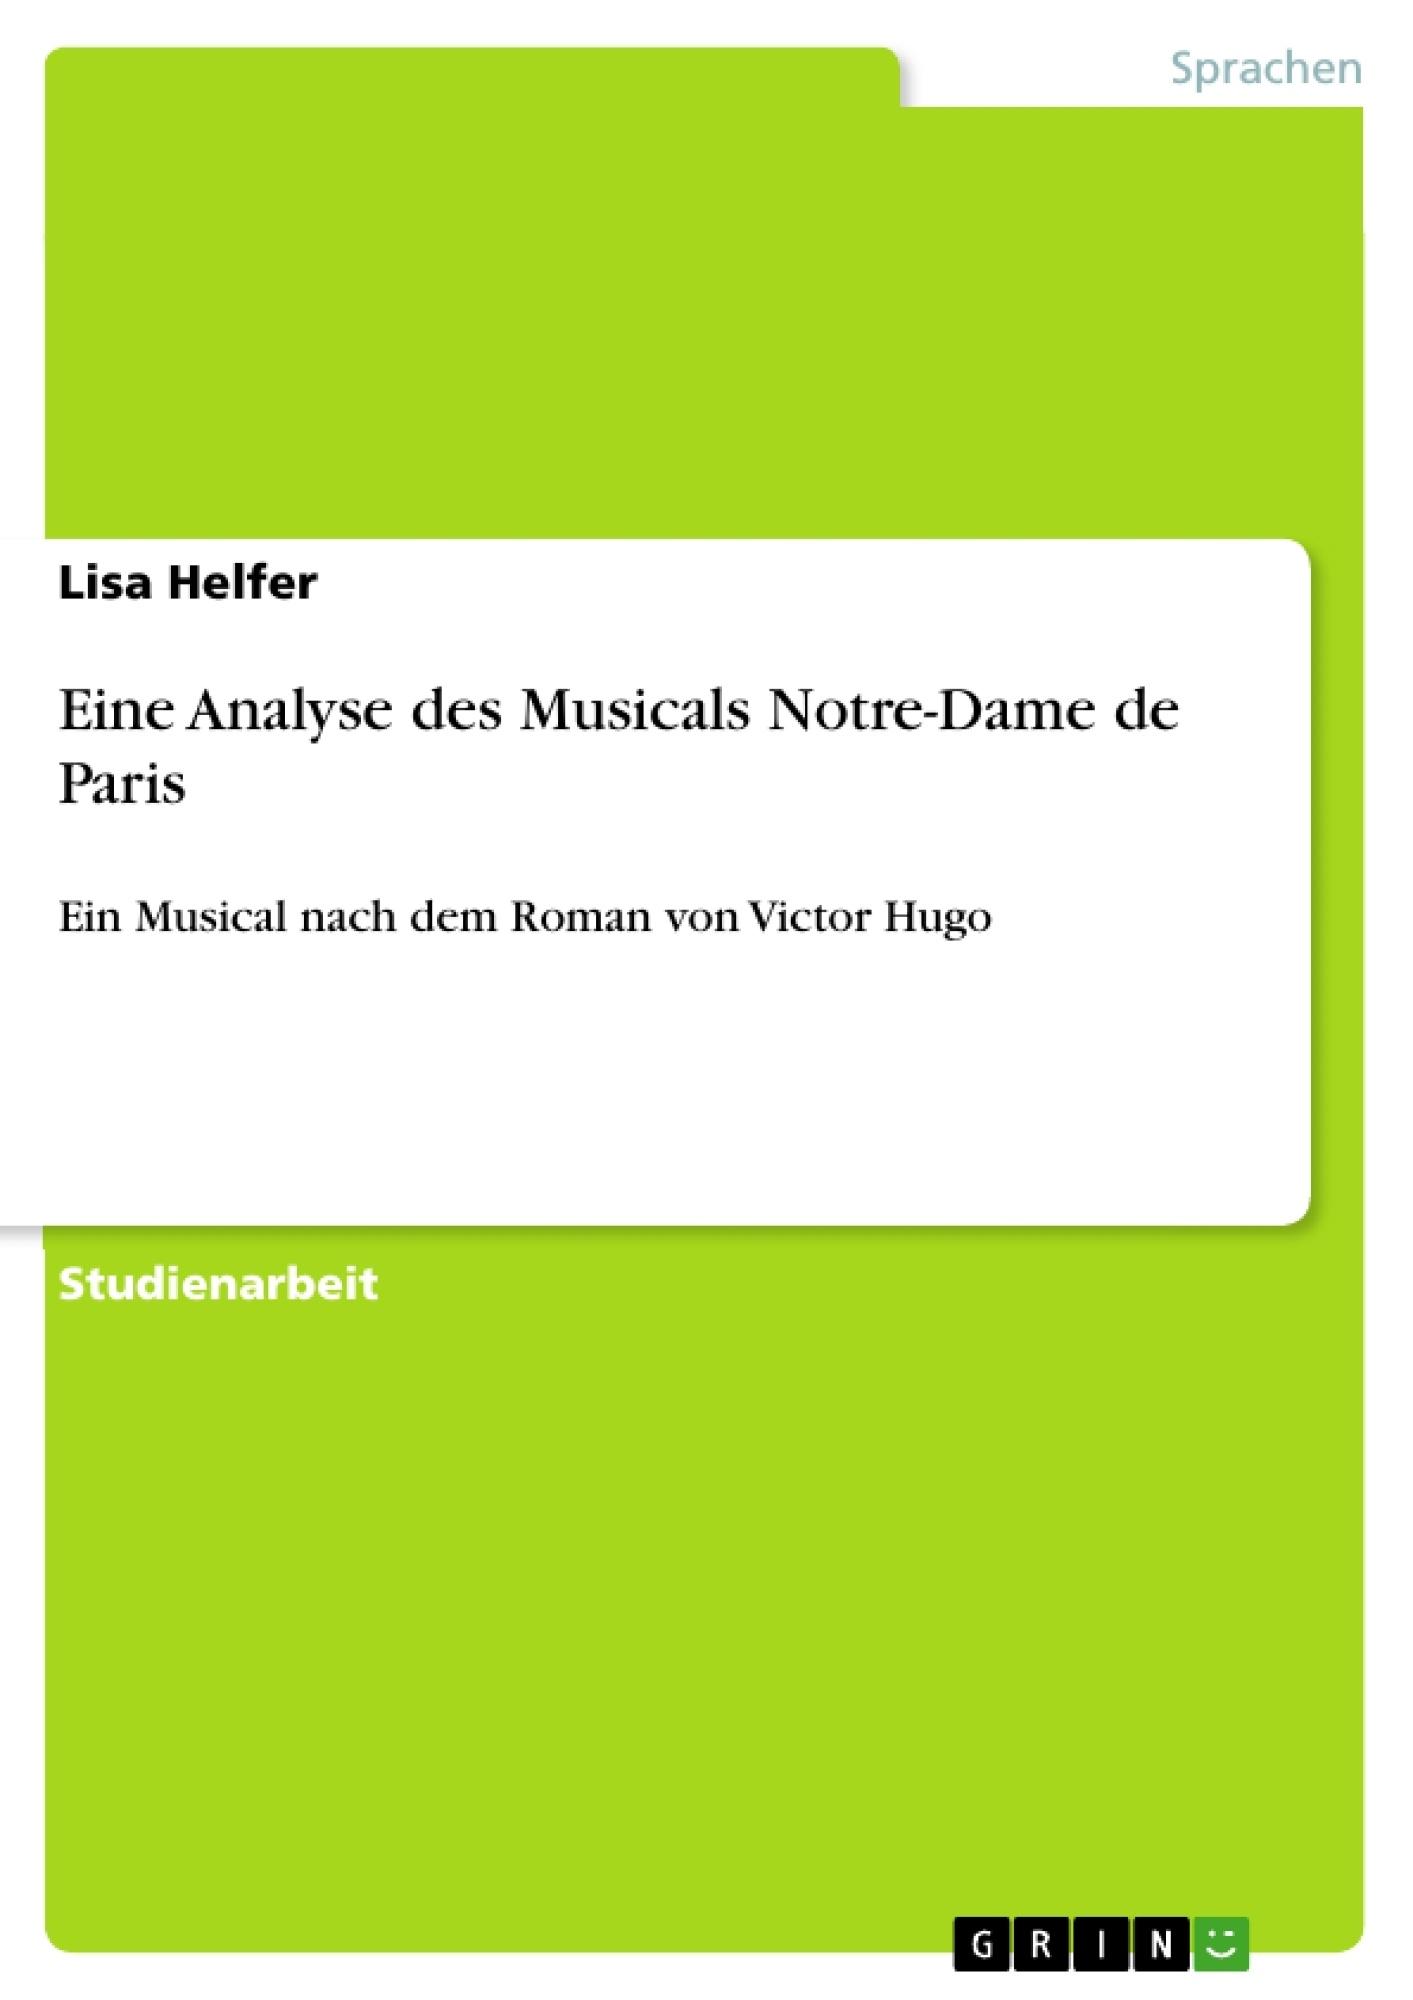 Titel: Eine Analyse des Musicals Notre-Dame de Paris